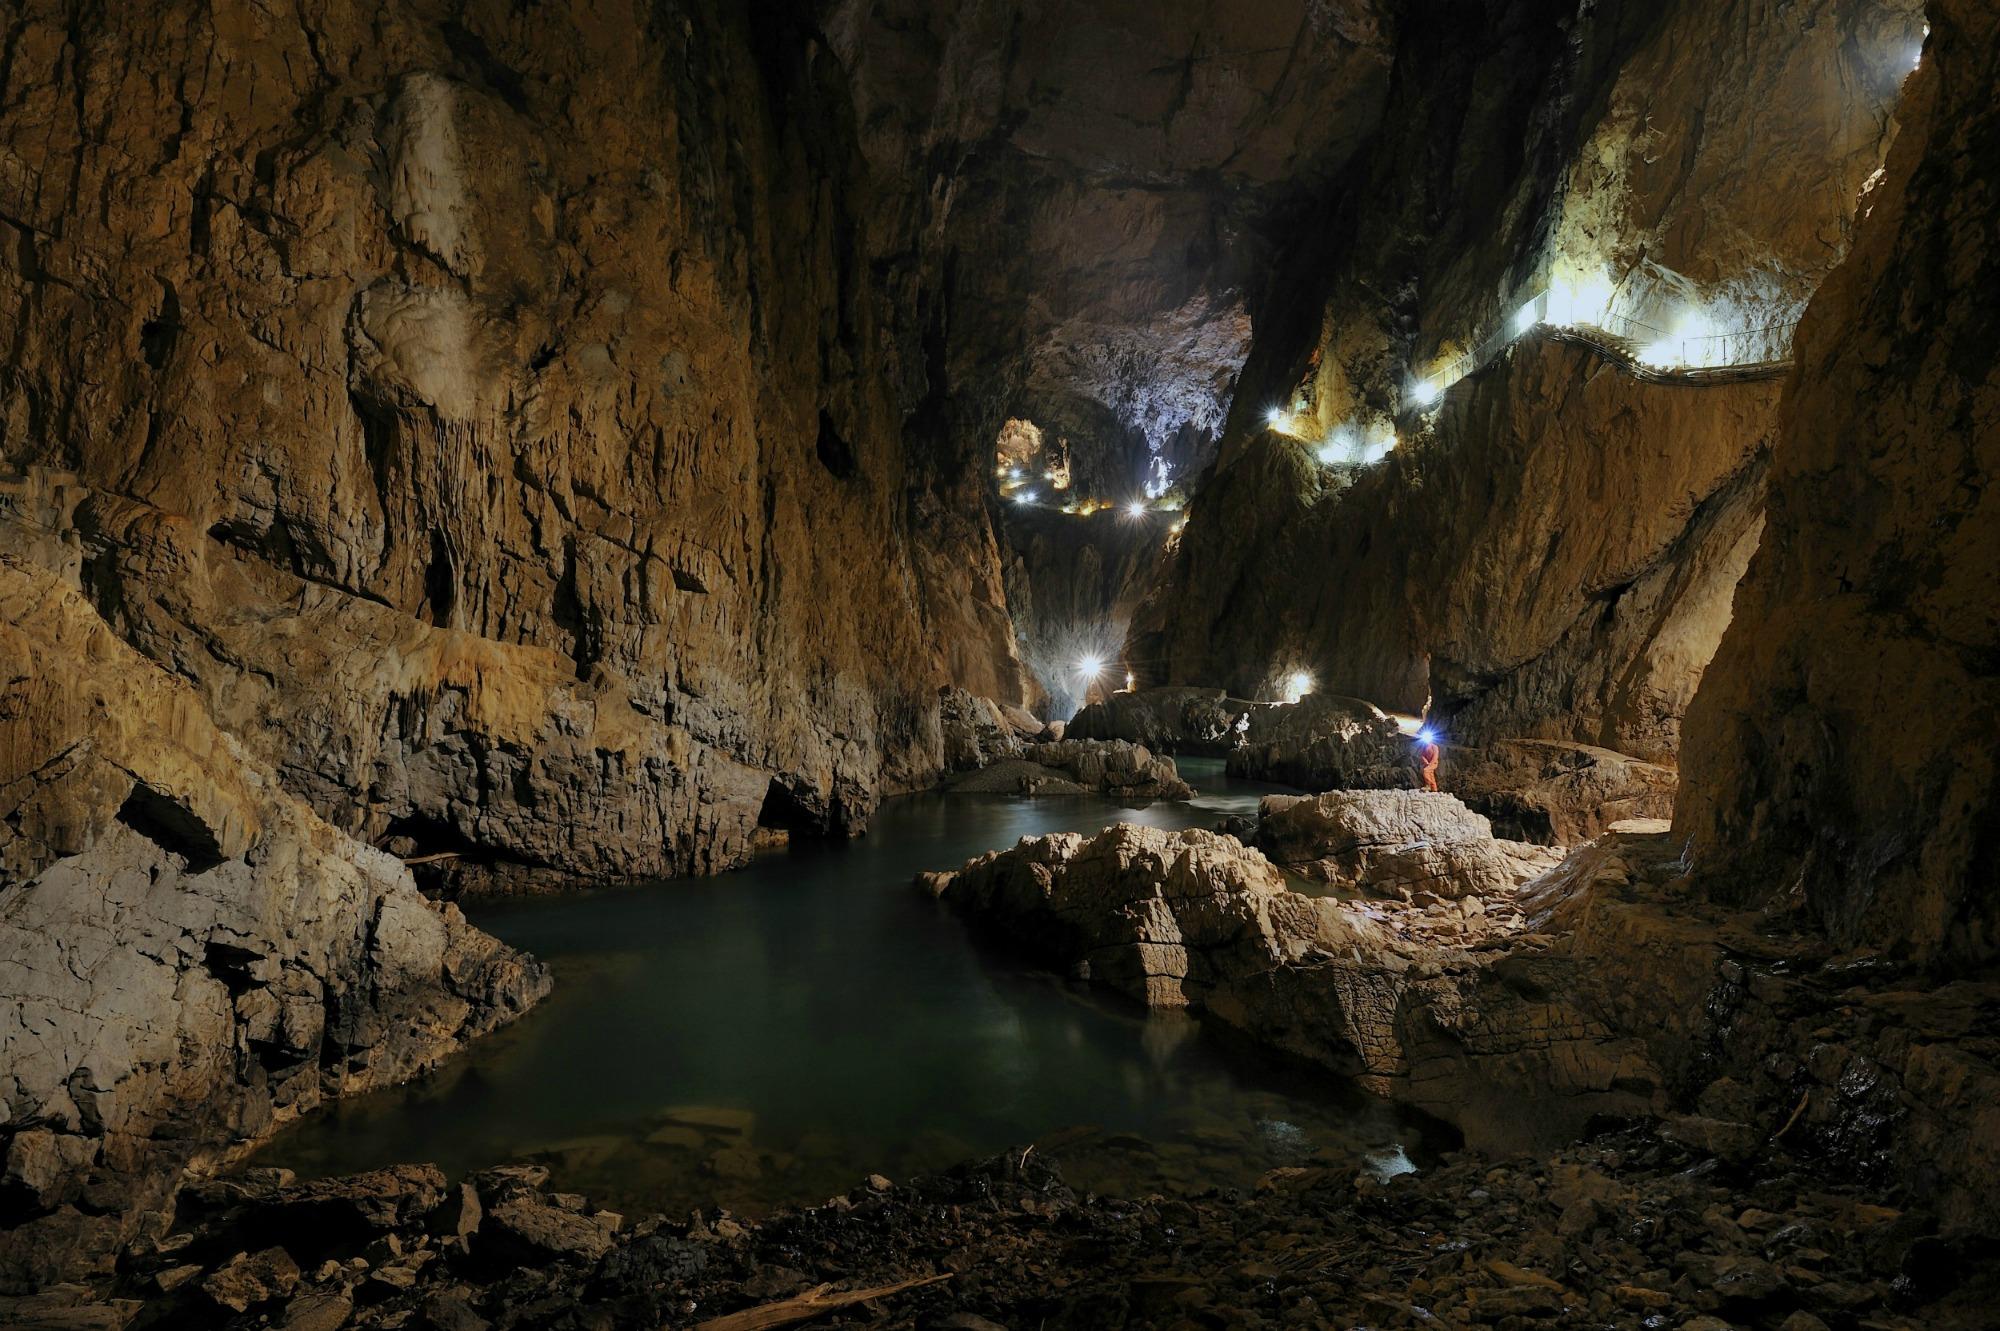 the Caves of Skocjan